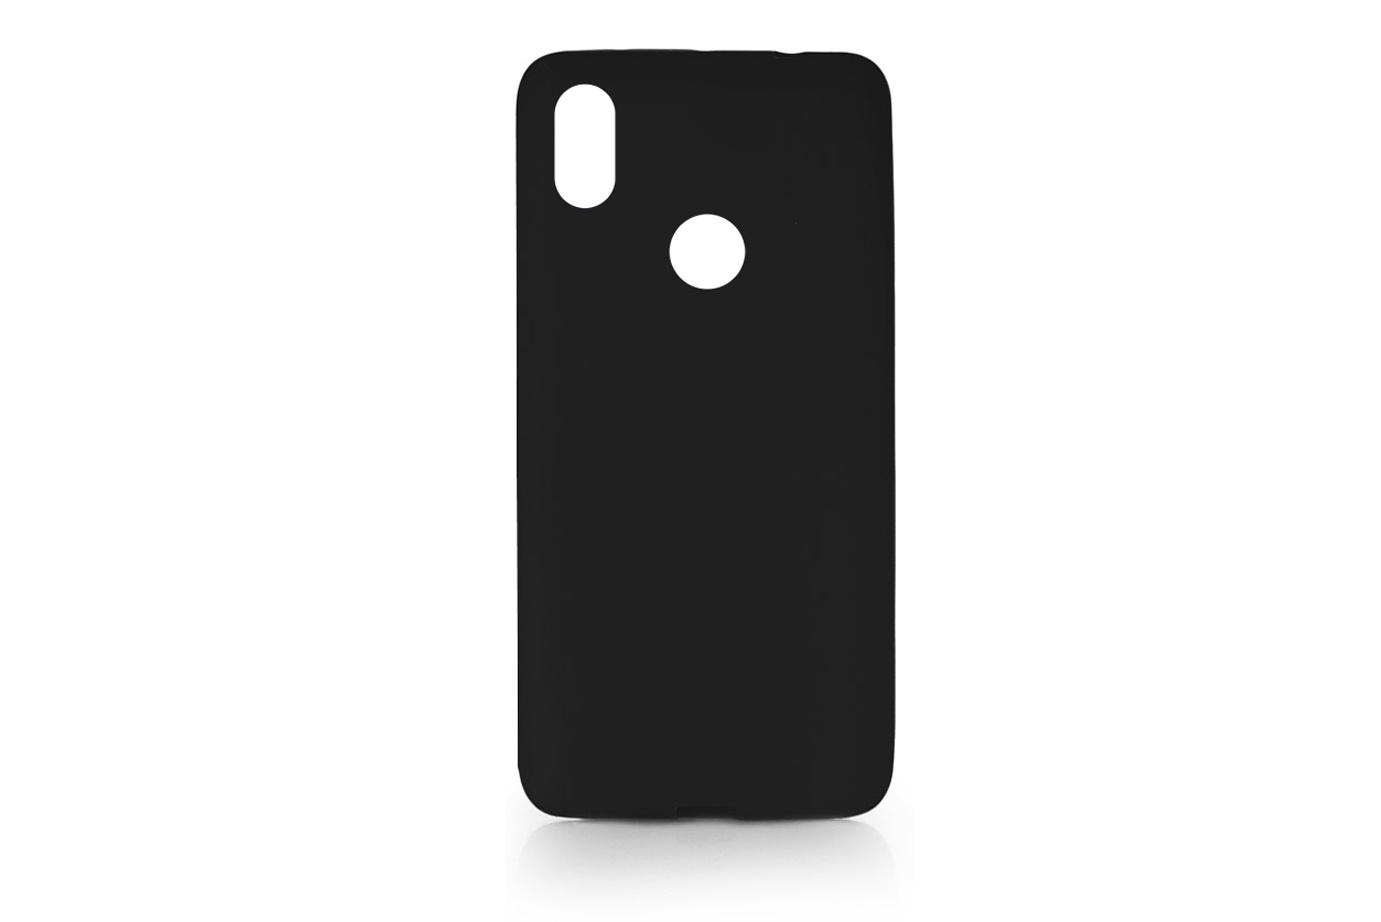 Чехол для сотового телефона Gurdini Чехол накладка силикон высокотехнологичный для Xiaomi Redmi S2 , 906203, черный